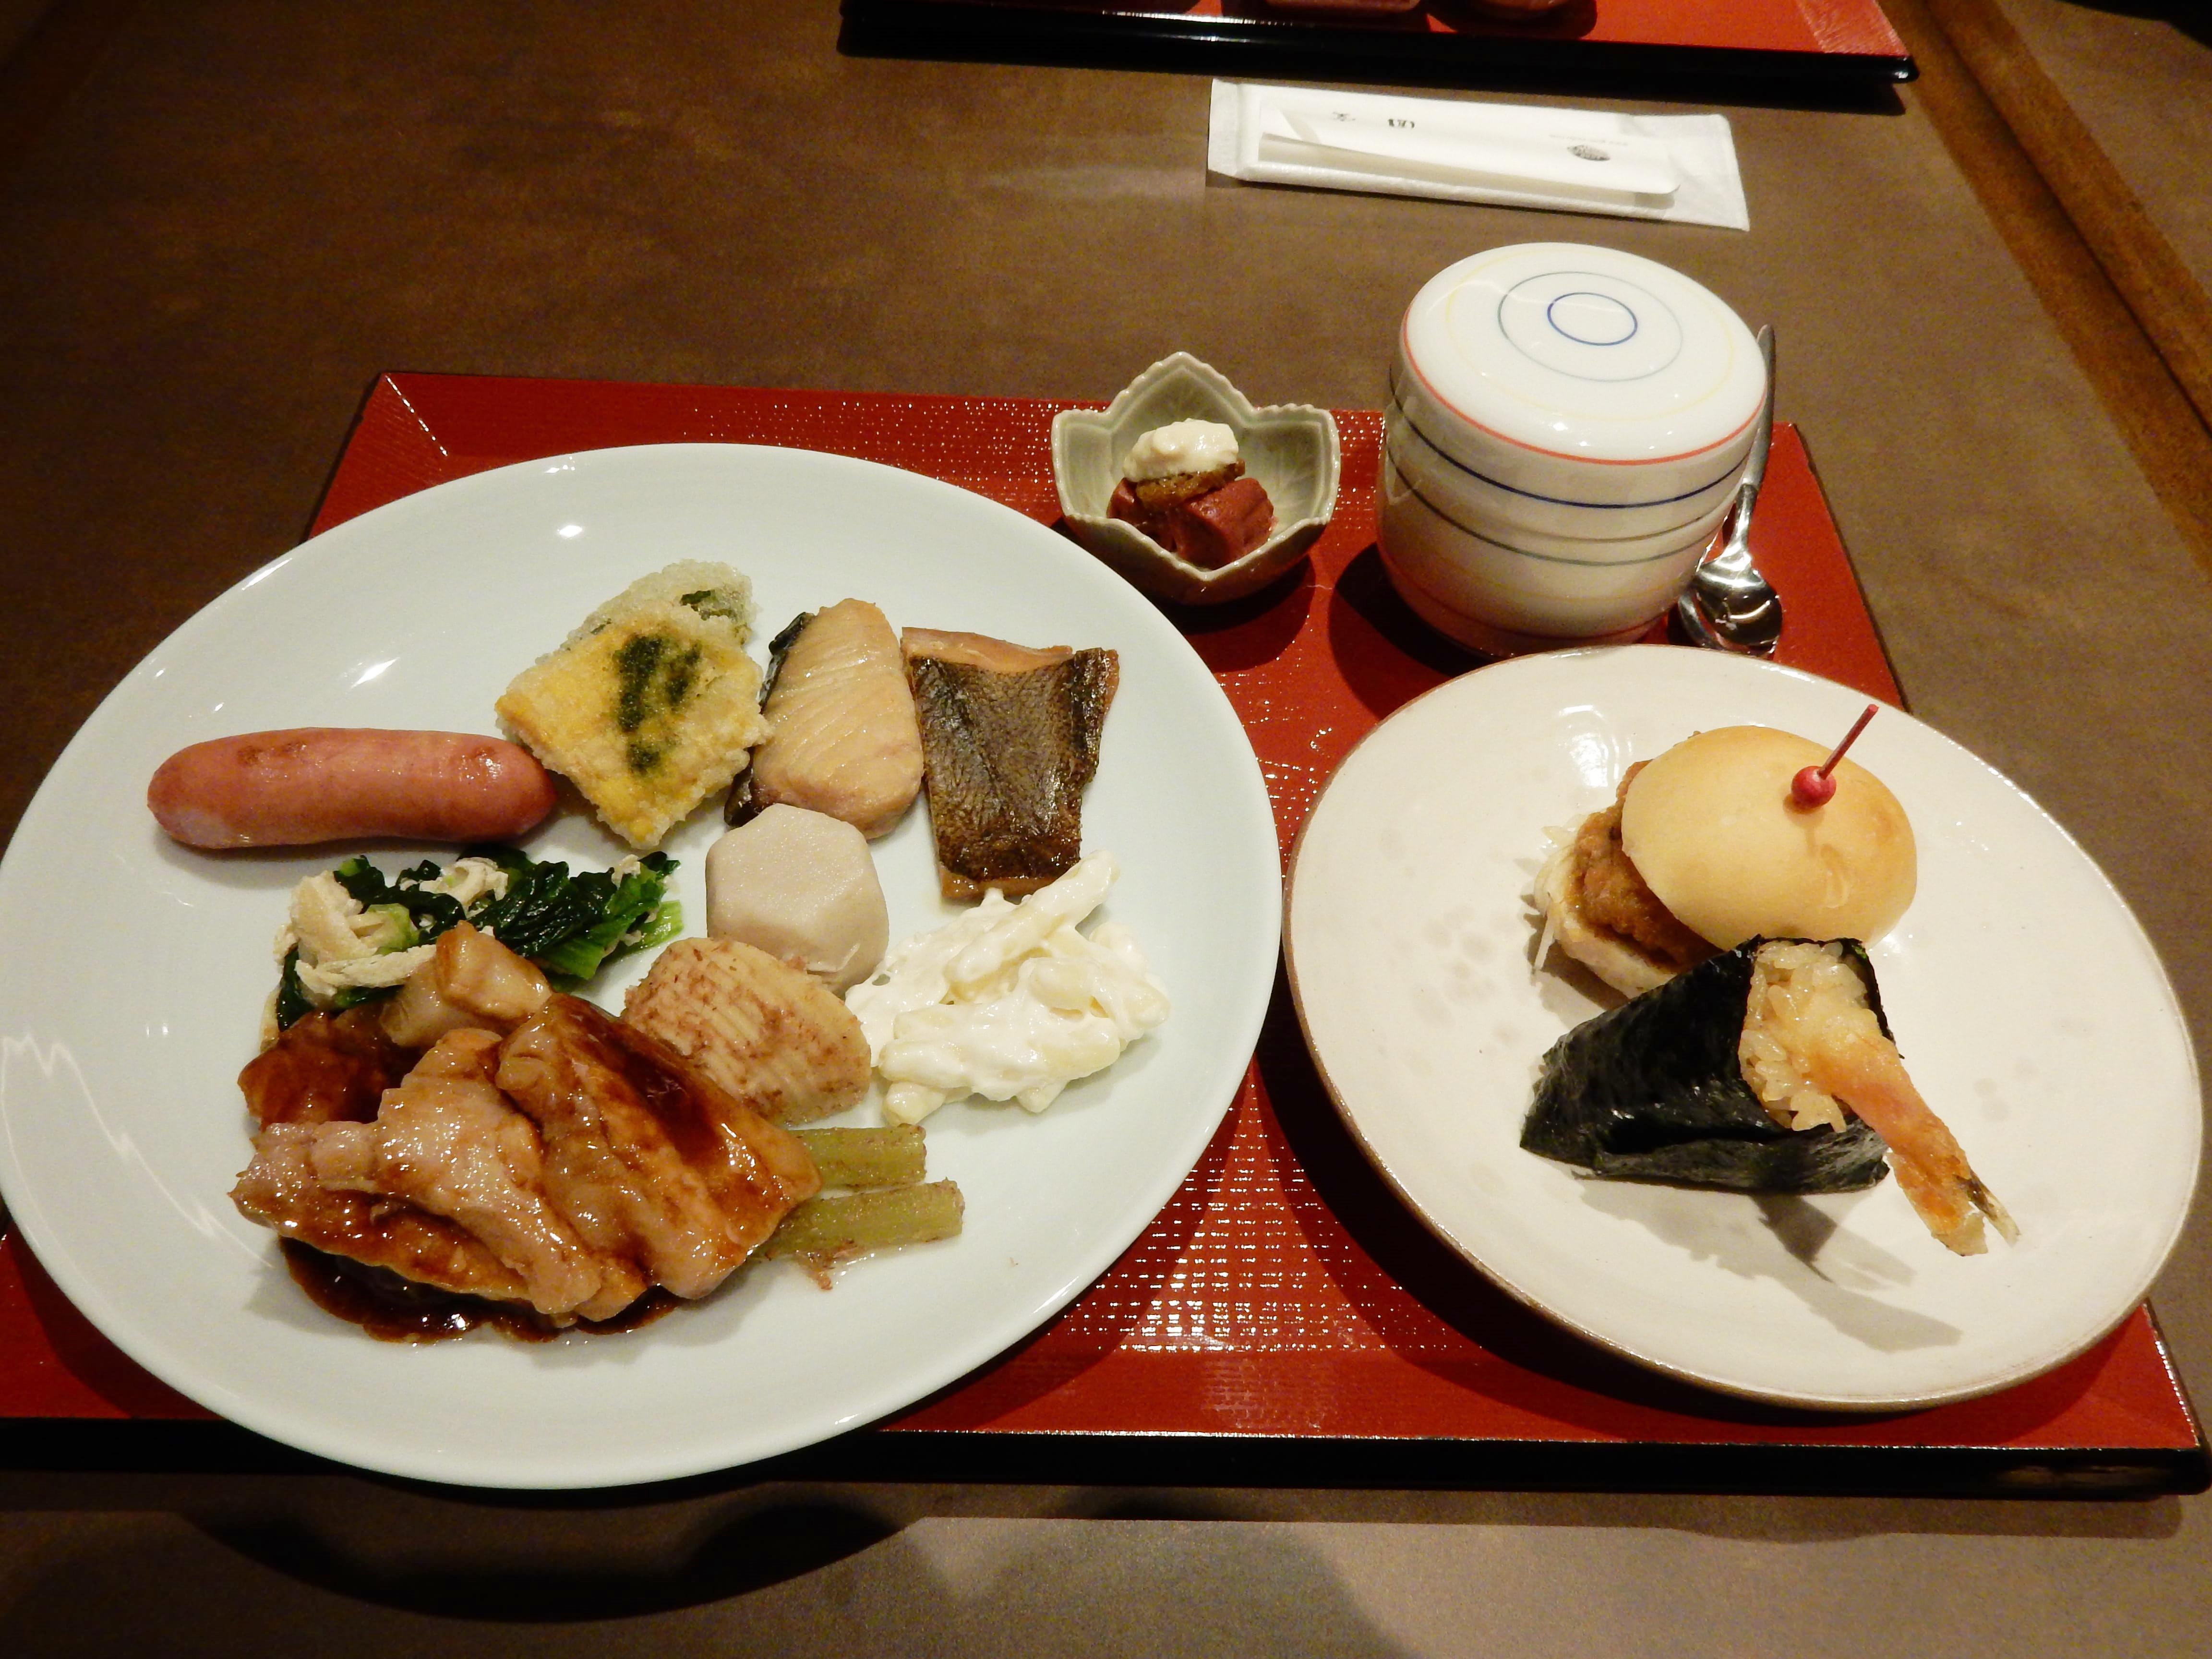 セレスティン京都祇園,朝食,八坂圓堂,口コミ,ブログ